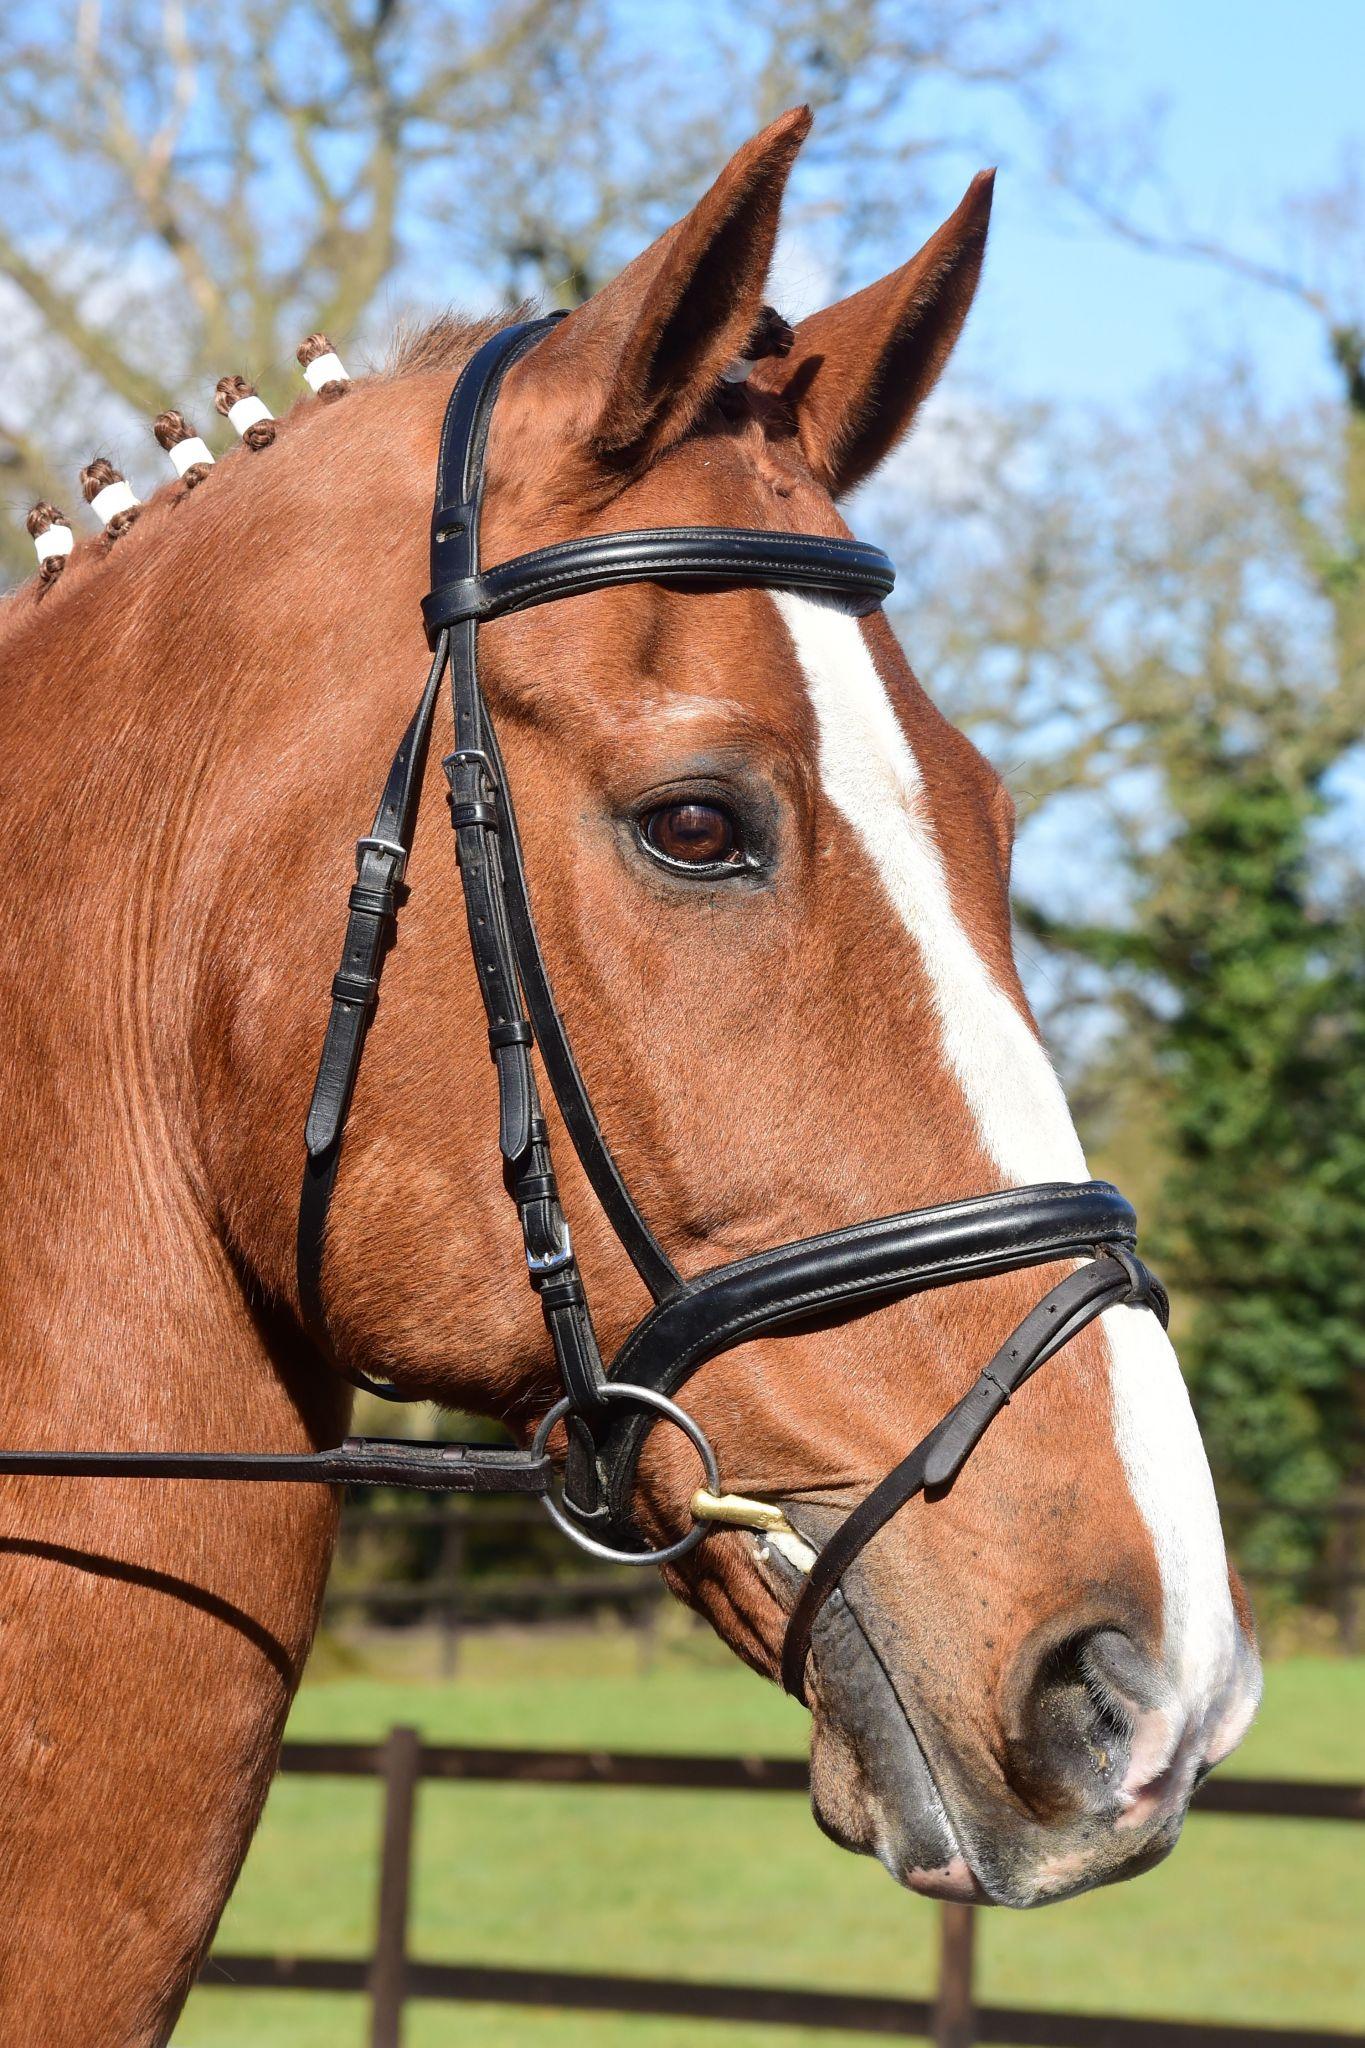 Horse Stable Management Worksheets